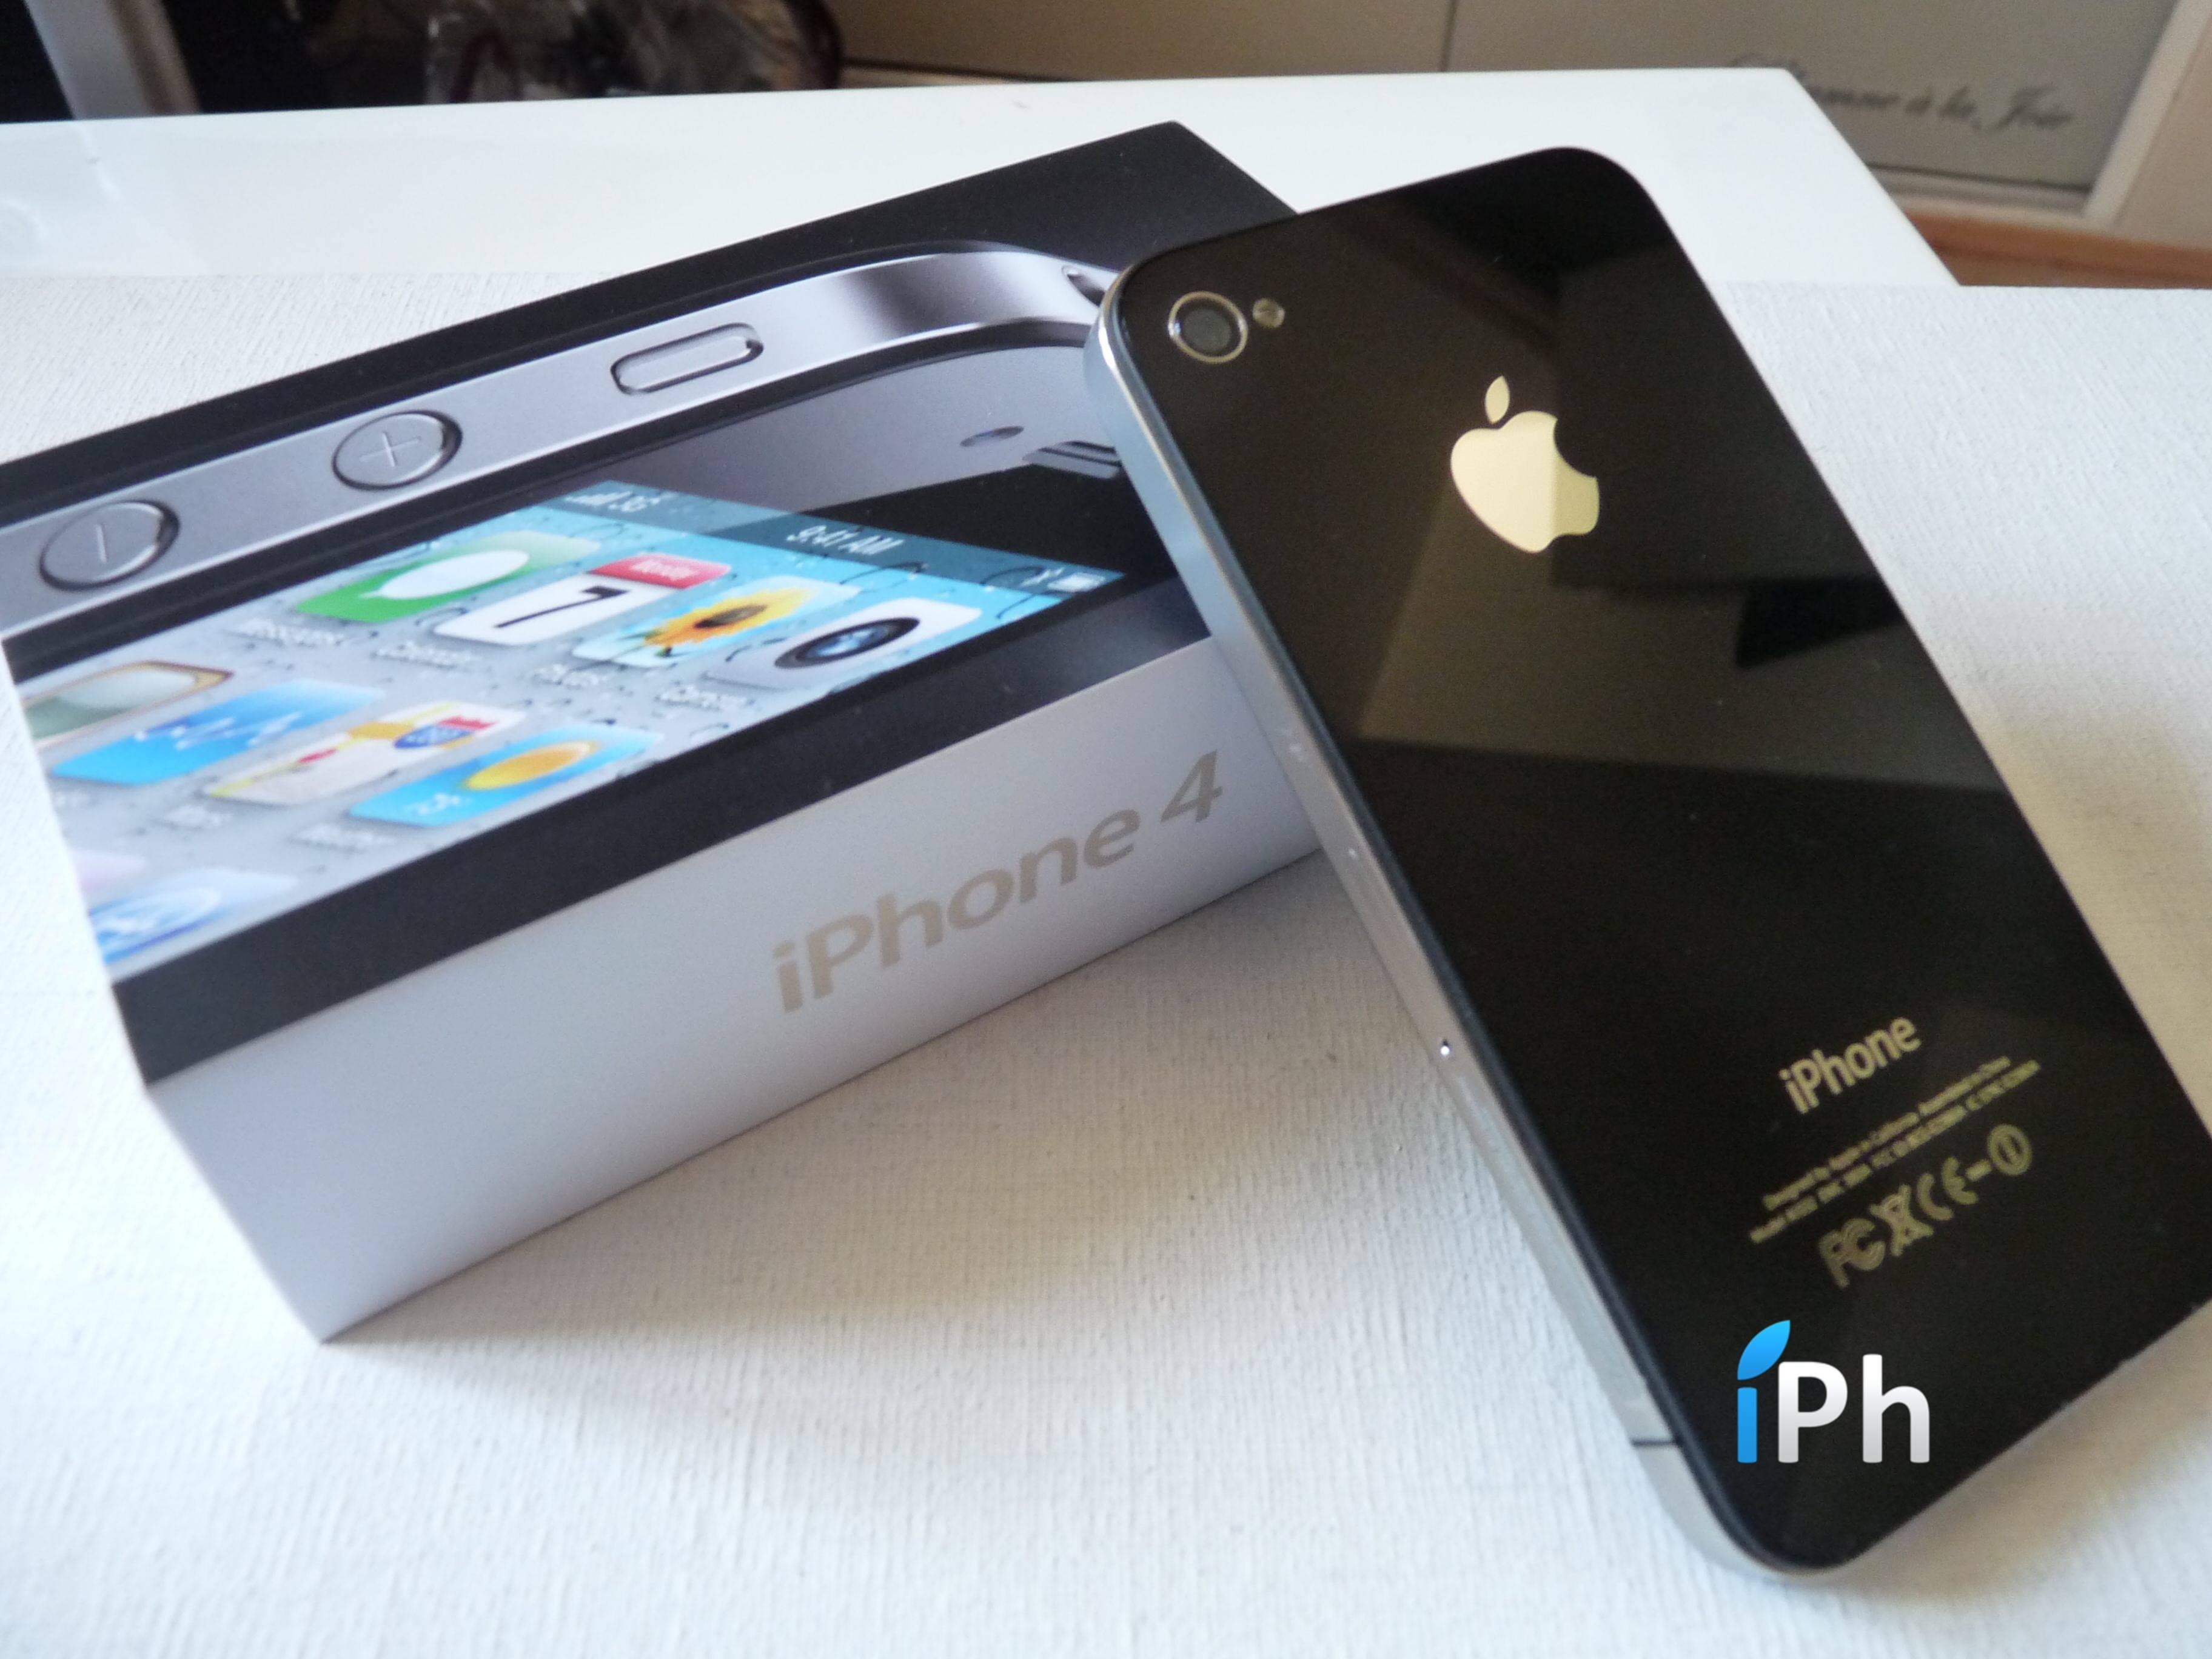 P1140454 iPhone 4   Les photos de liPhone 4 Noir par Myk